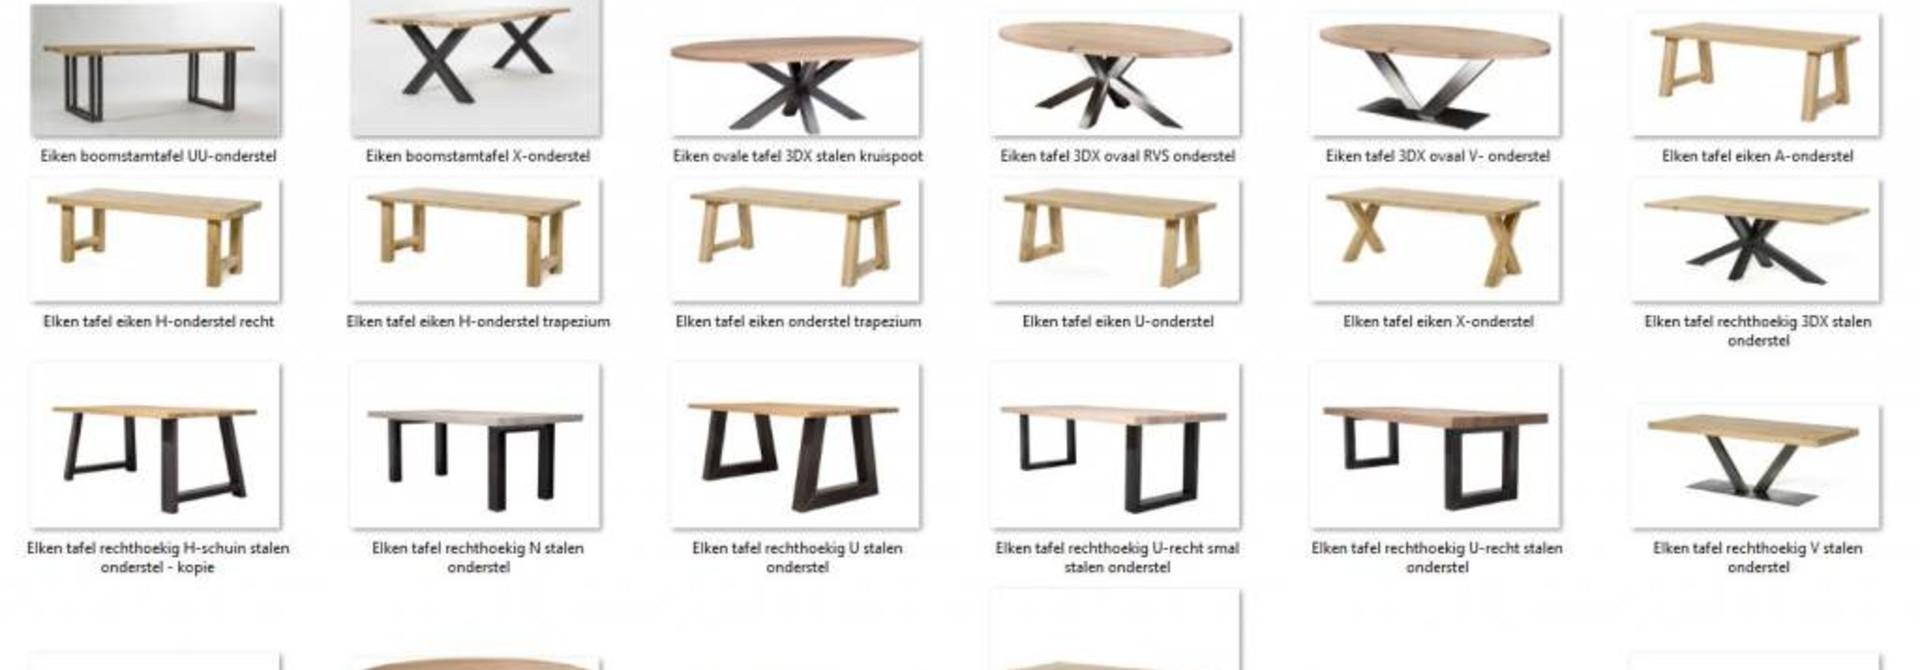 Uw eiken tafel zelf creëren? Stel hier uw tafel samen